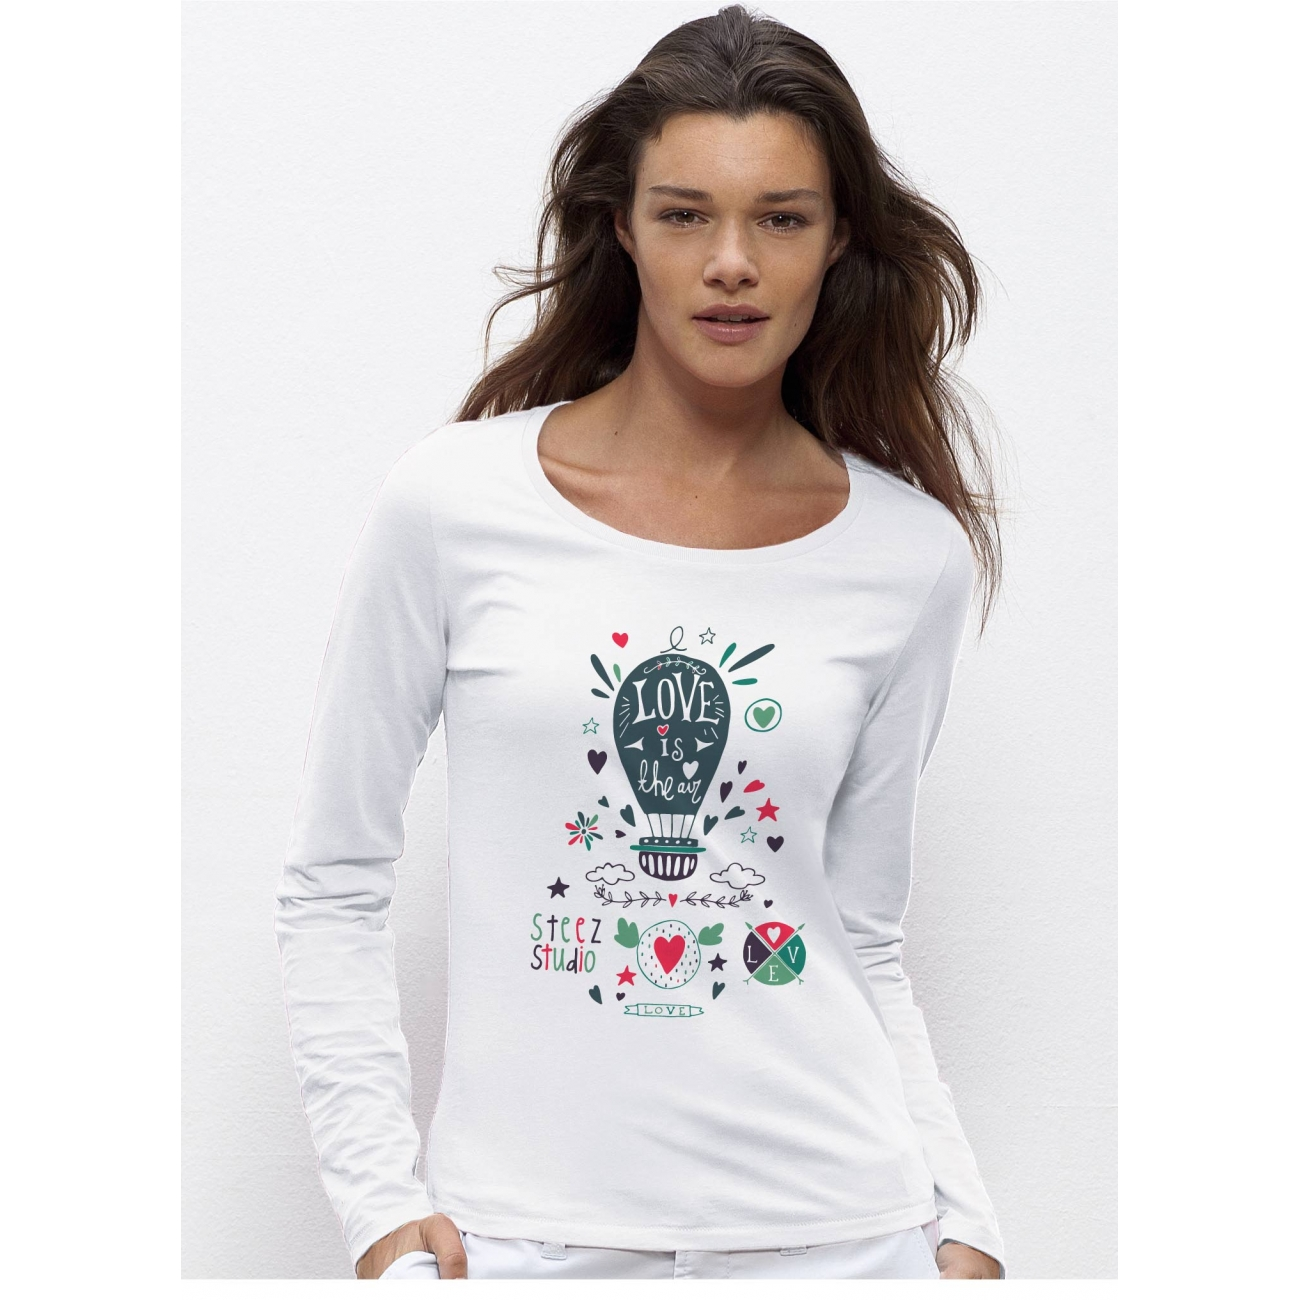 http://tee-shirt-bio.com/2961-thickbox_default/tshirt-femme-manches-longues-coton-bio-equitable-blanc-doux-et-leger-visuel-ecolo-loves.jpg